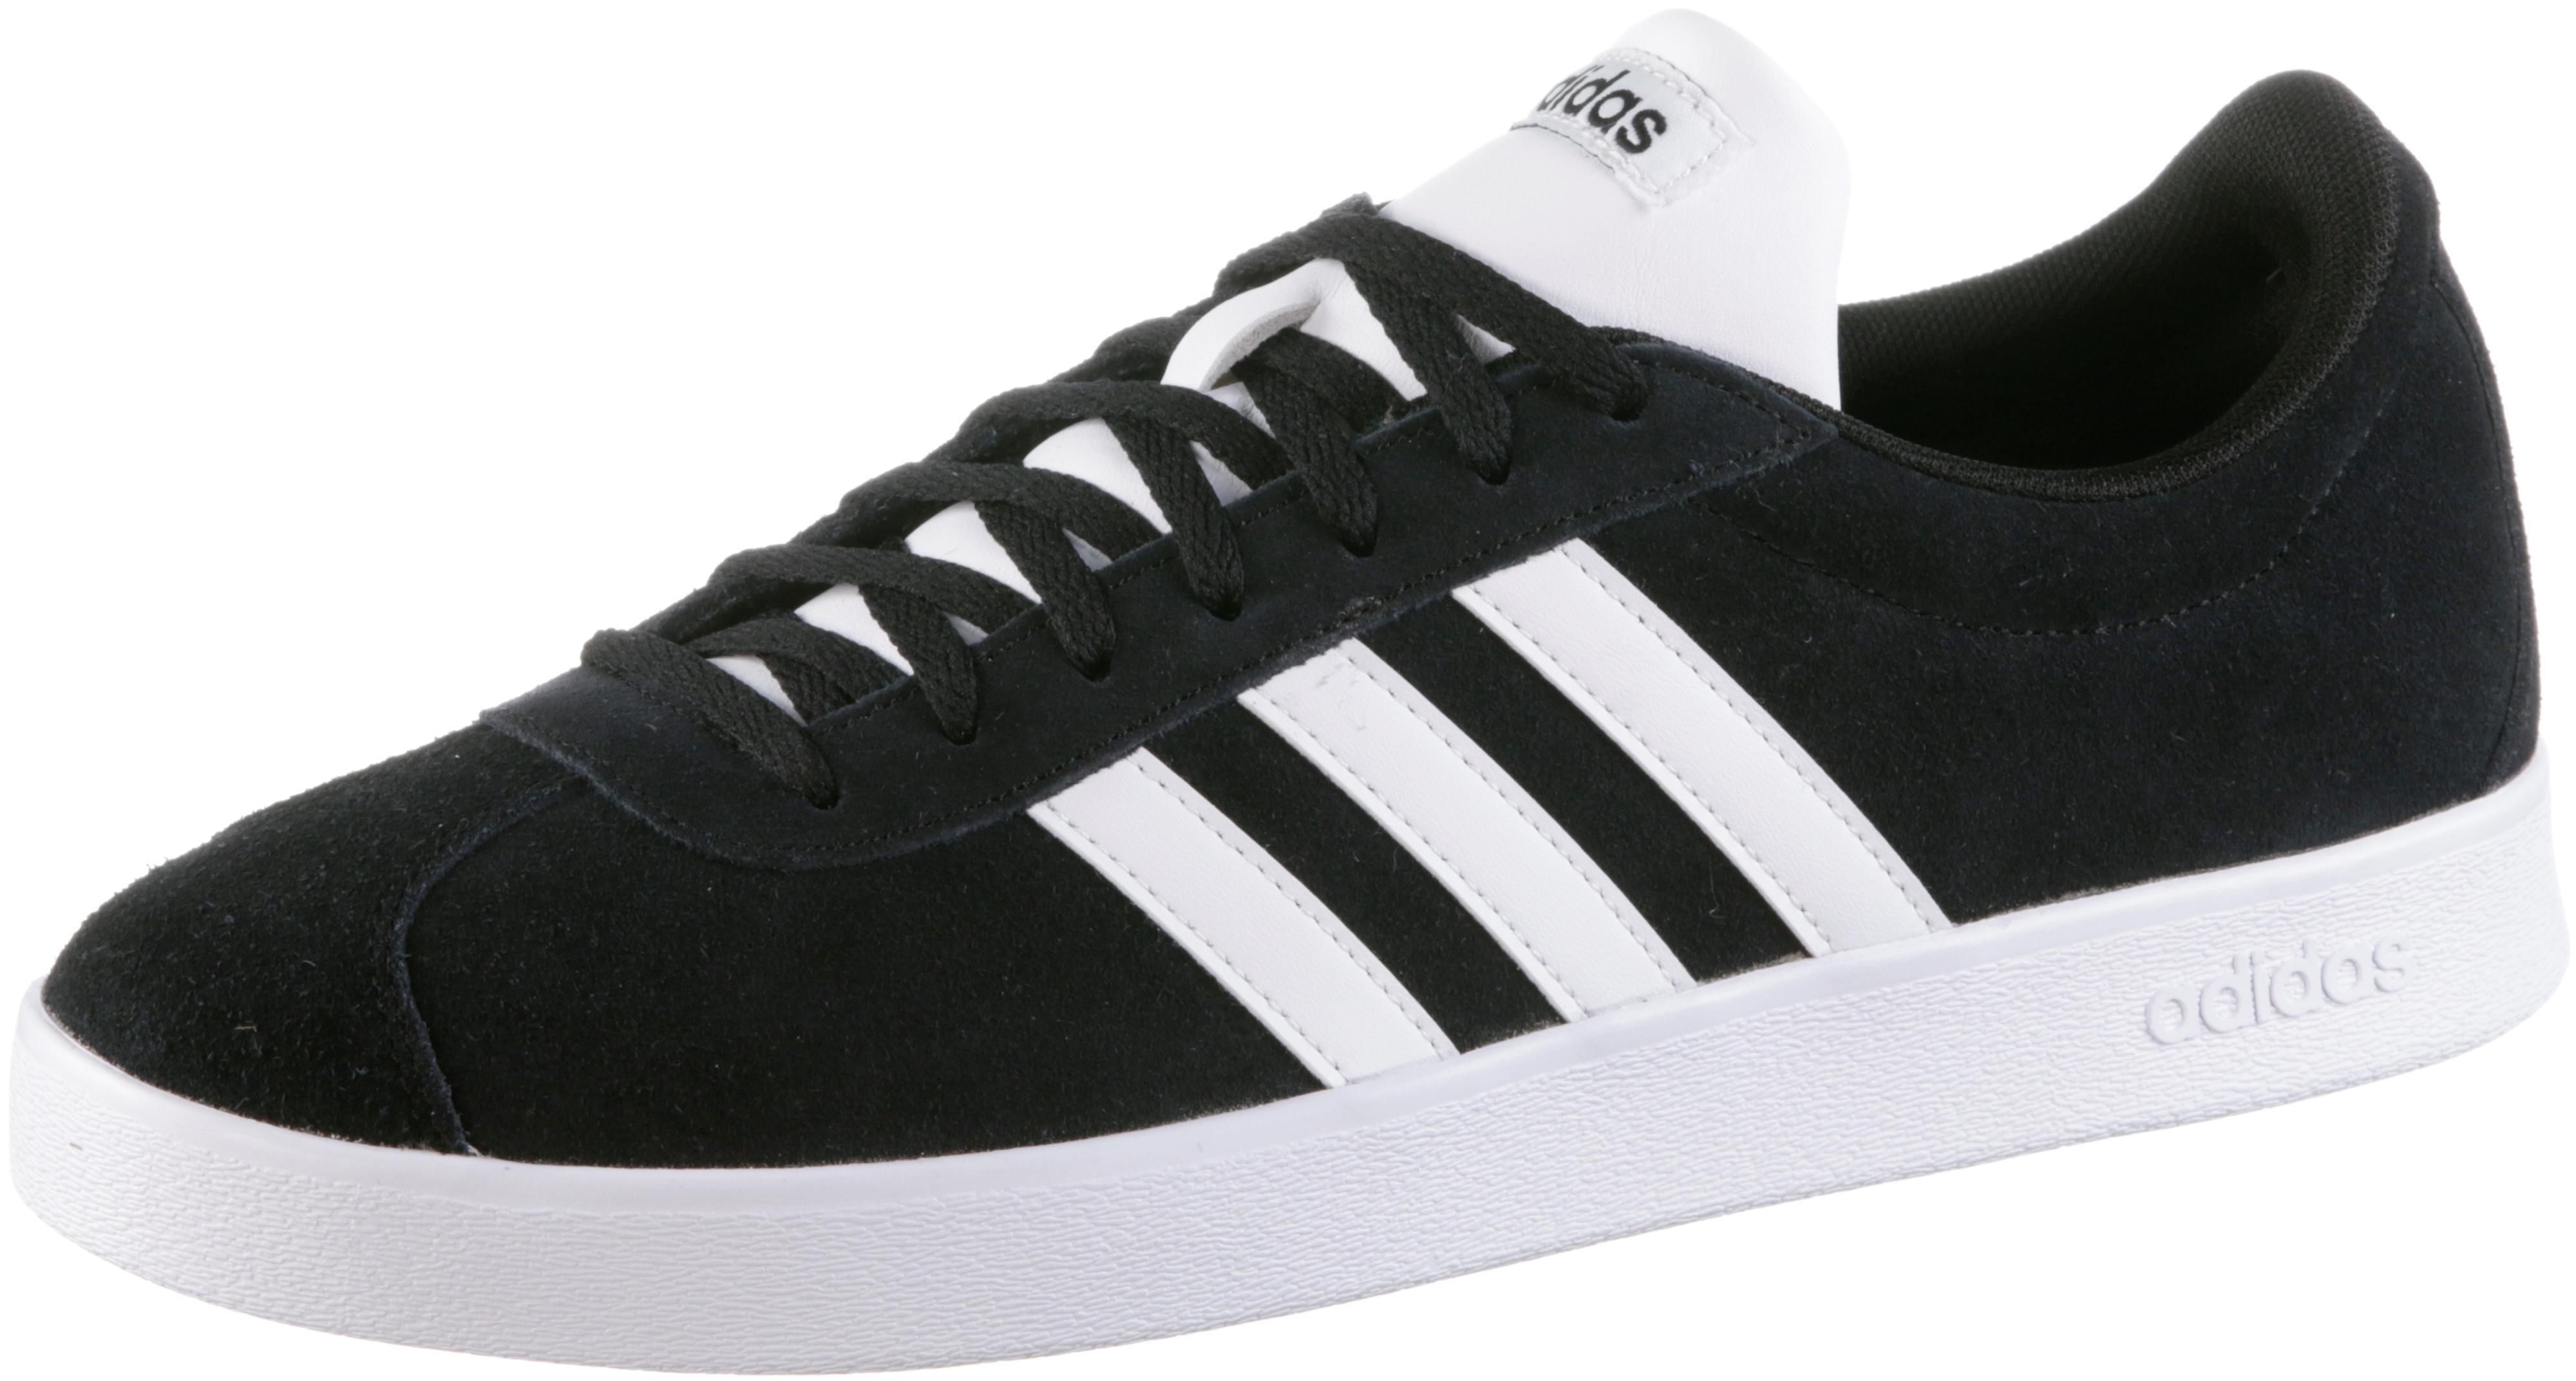 Adidas VL VL VL COURT 2.0 Turnschuhe Herren core schwarz im Online Shop von SportScheck kaufen Gute Qualität beliebte Schuhe 6e0841